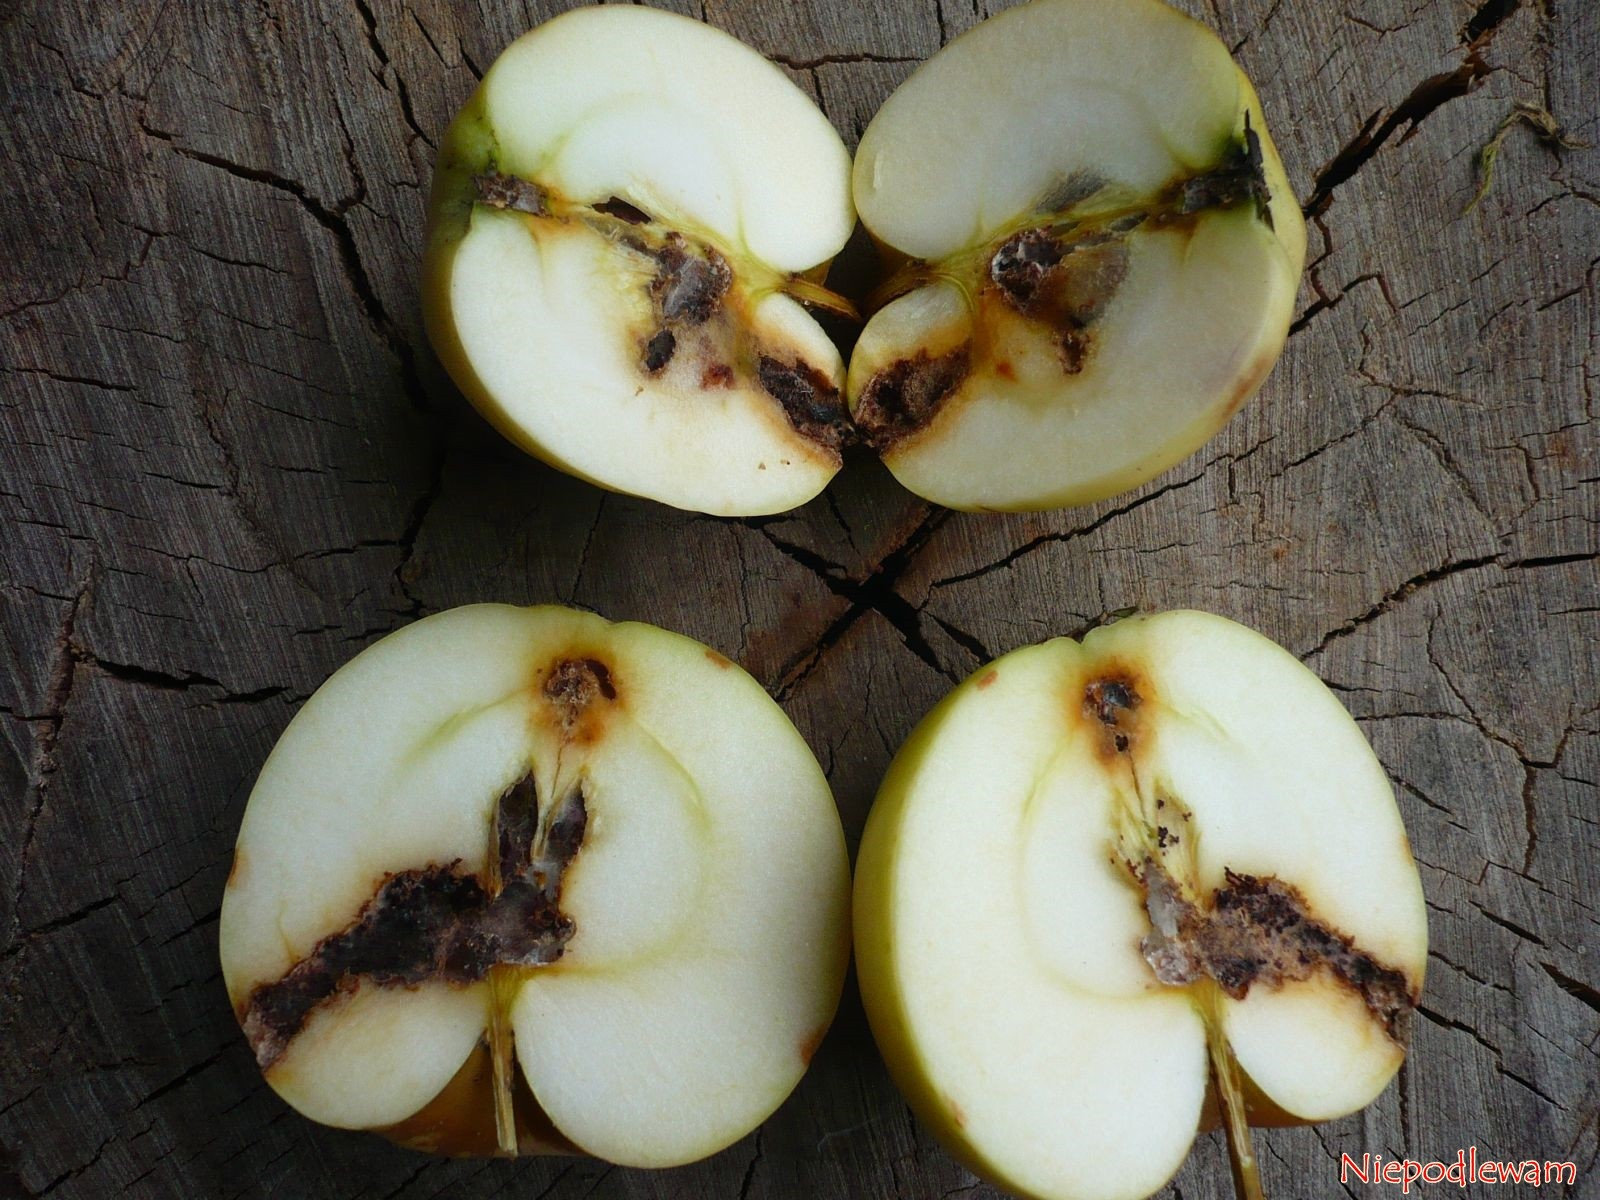 Robaczywieniu jabłek można zapobiegać. Nie trzeba stosować oprysków. Fot. Niepodlewam